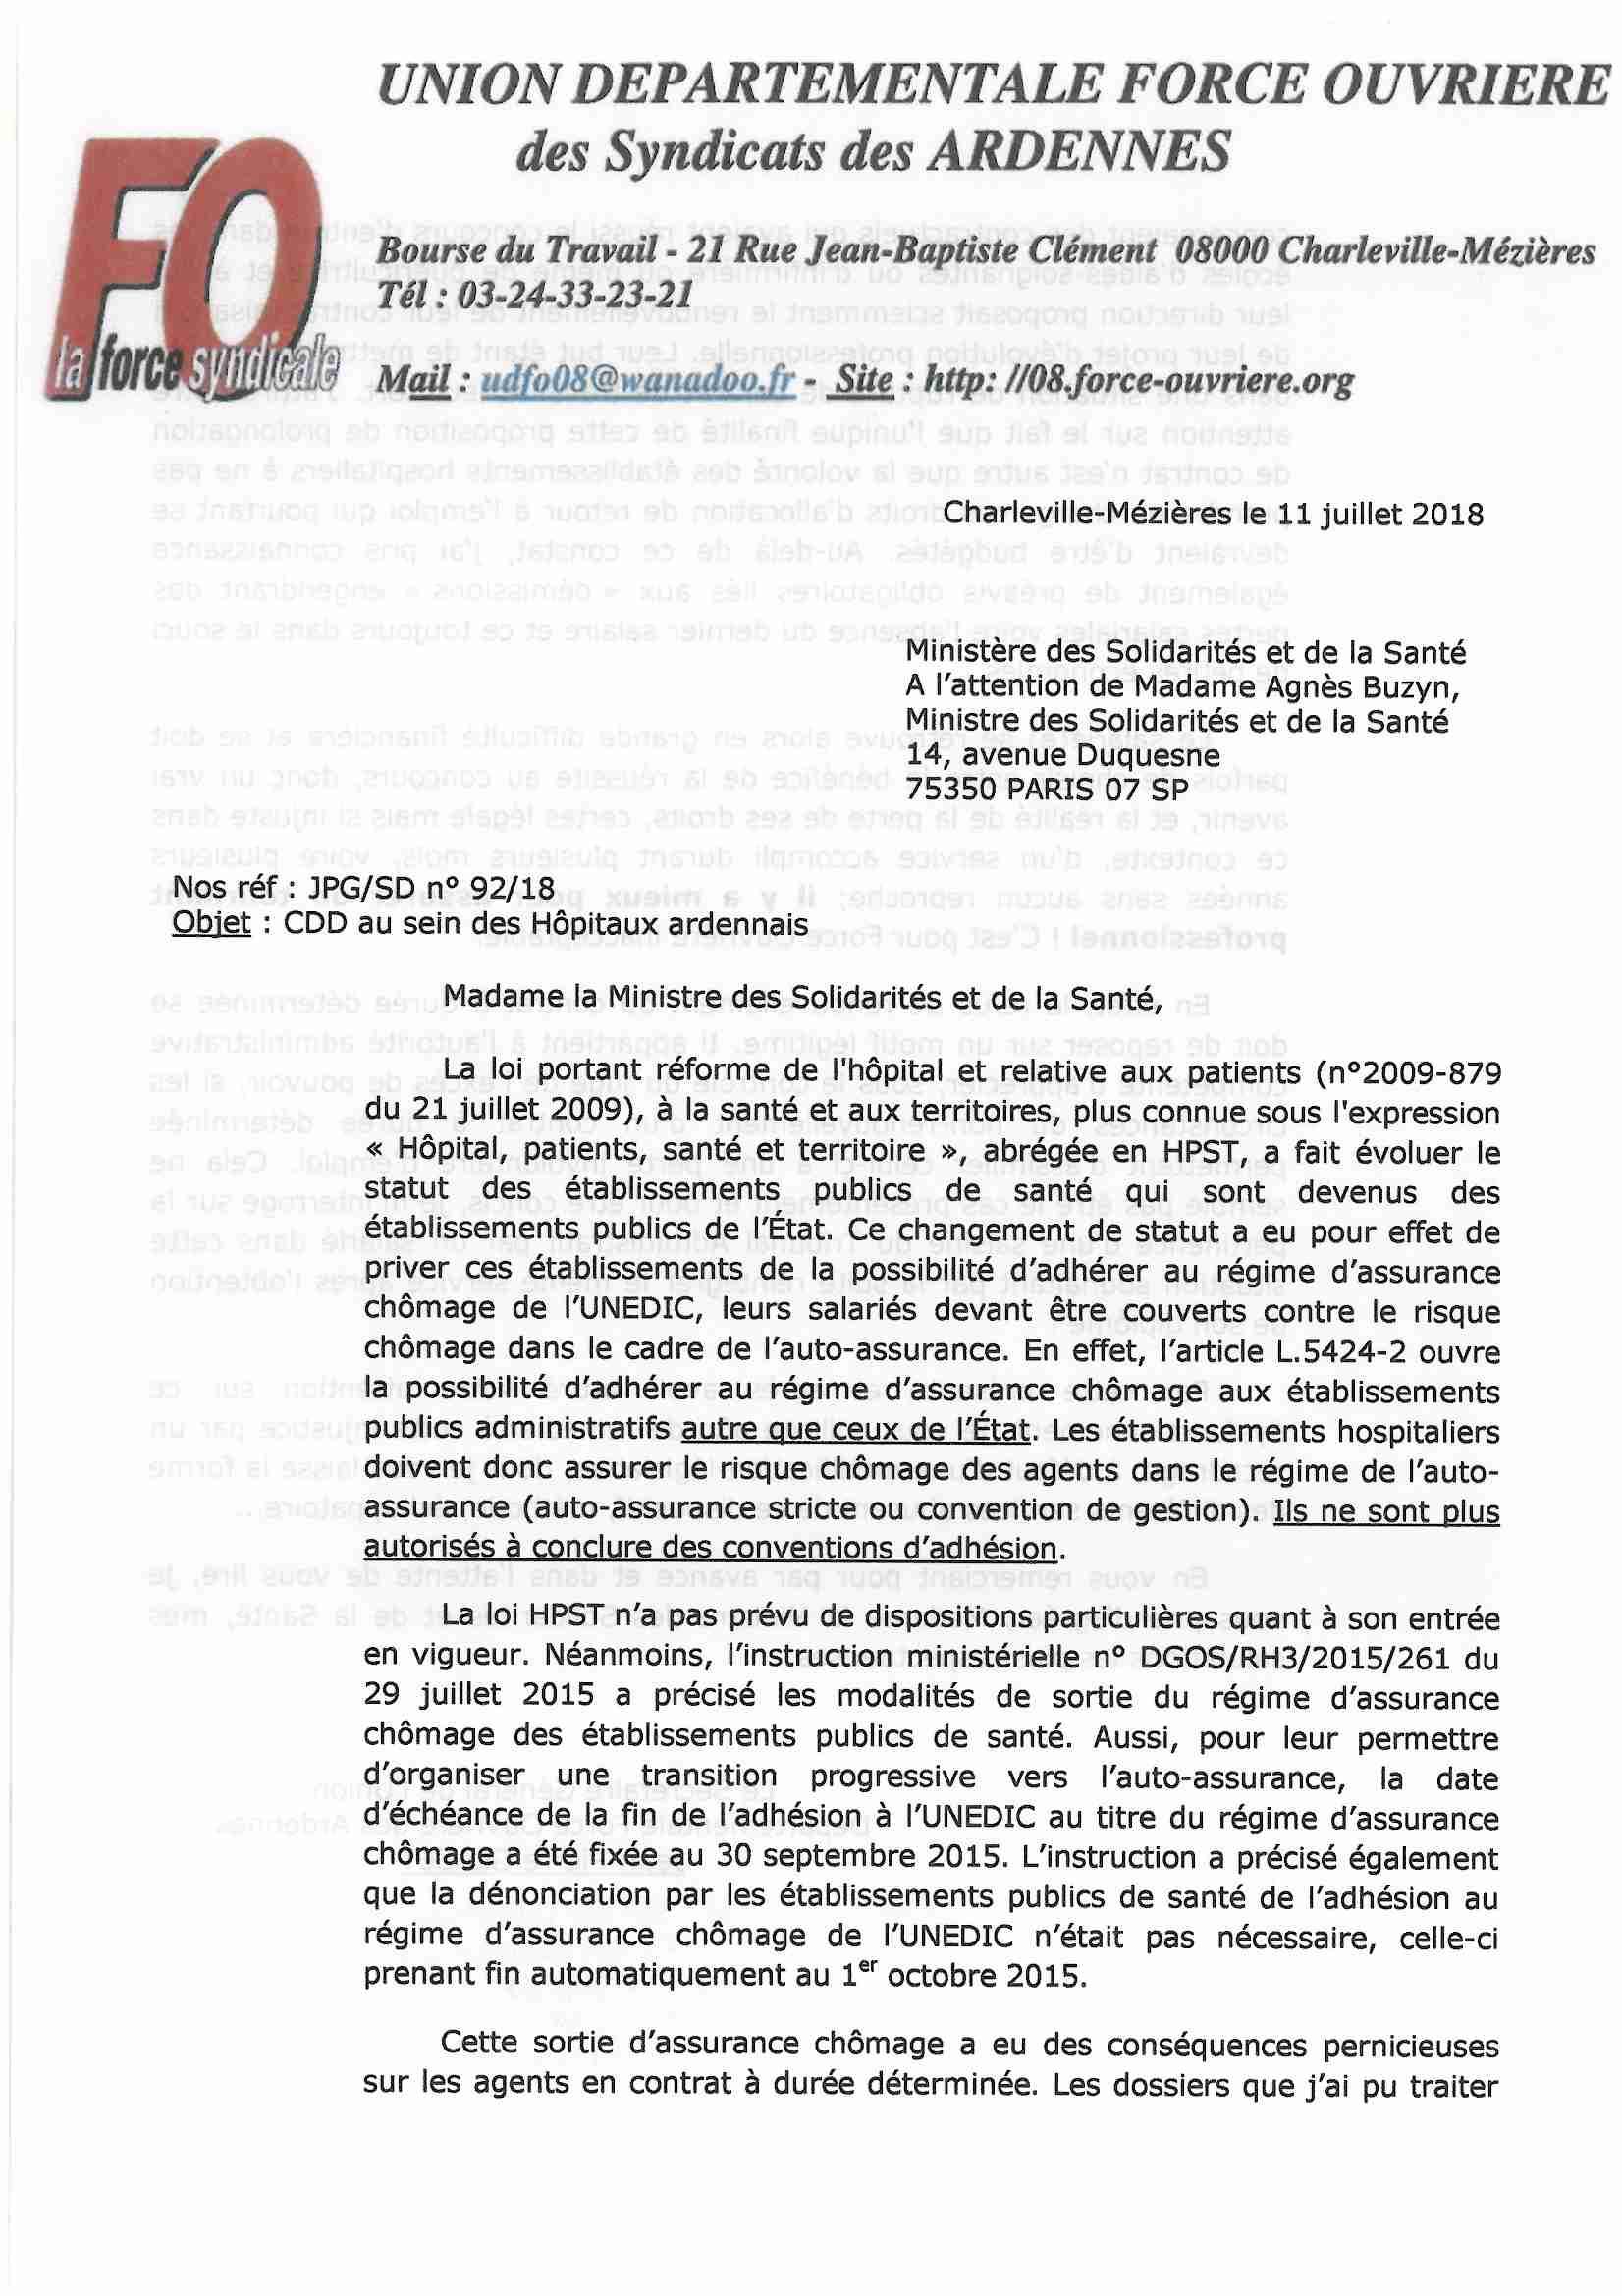 Lettre A L Attention De Madame Agnes Buzyn Ministre Des